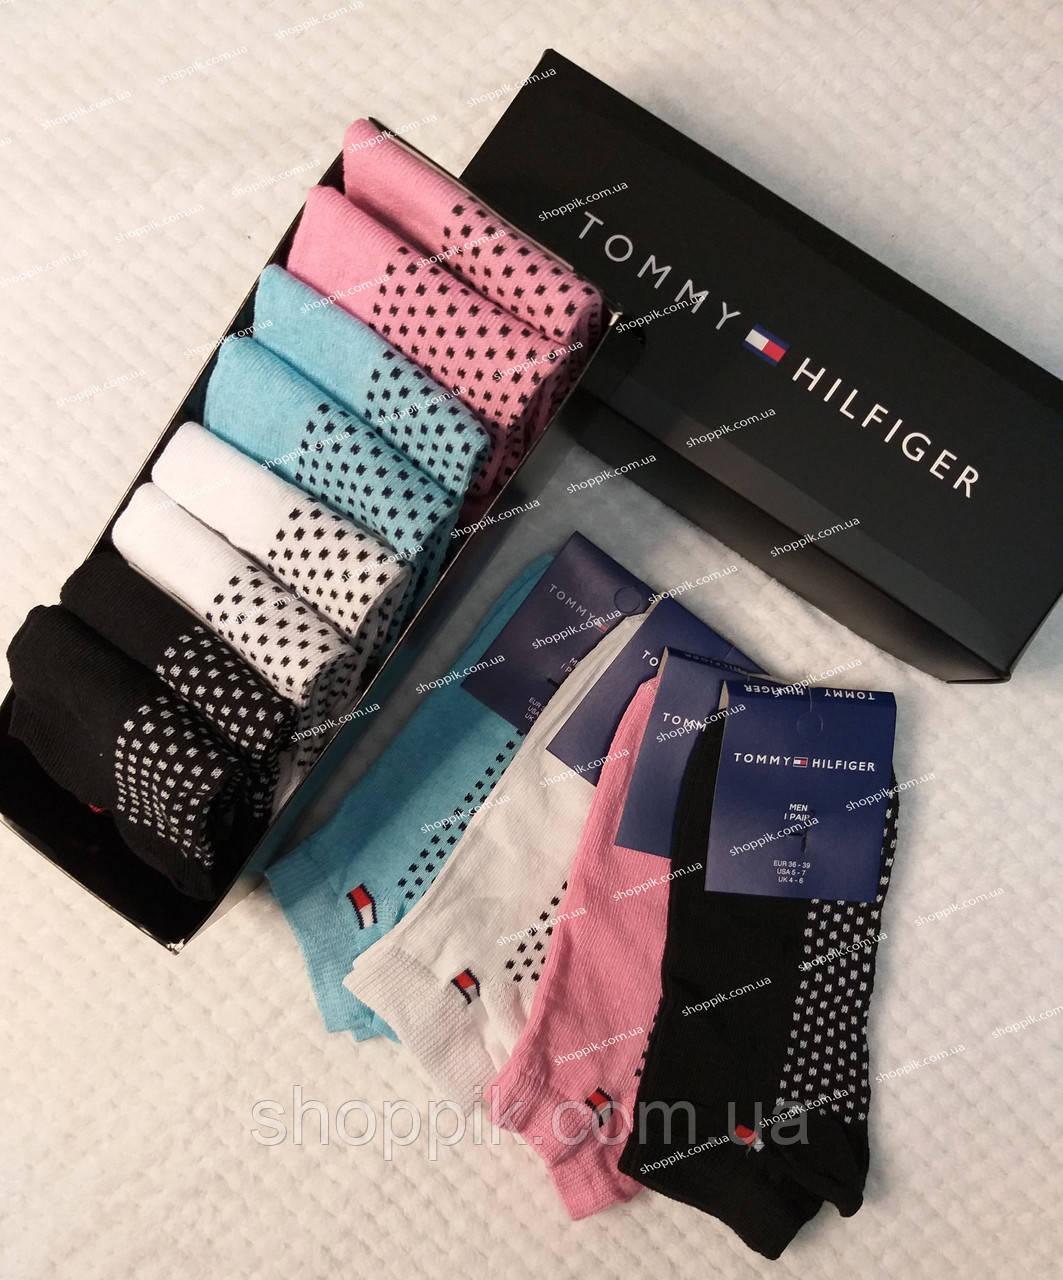 Женские носки Tommy Hilfiger 9 пар в подарочной упаковке